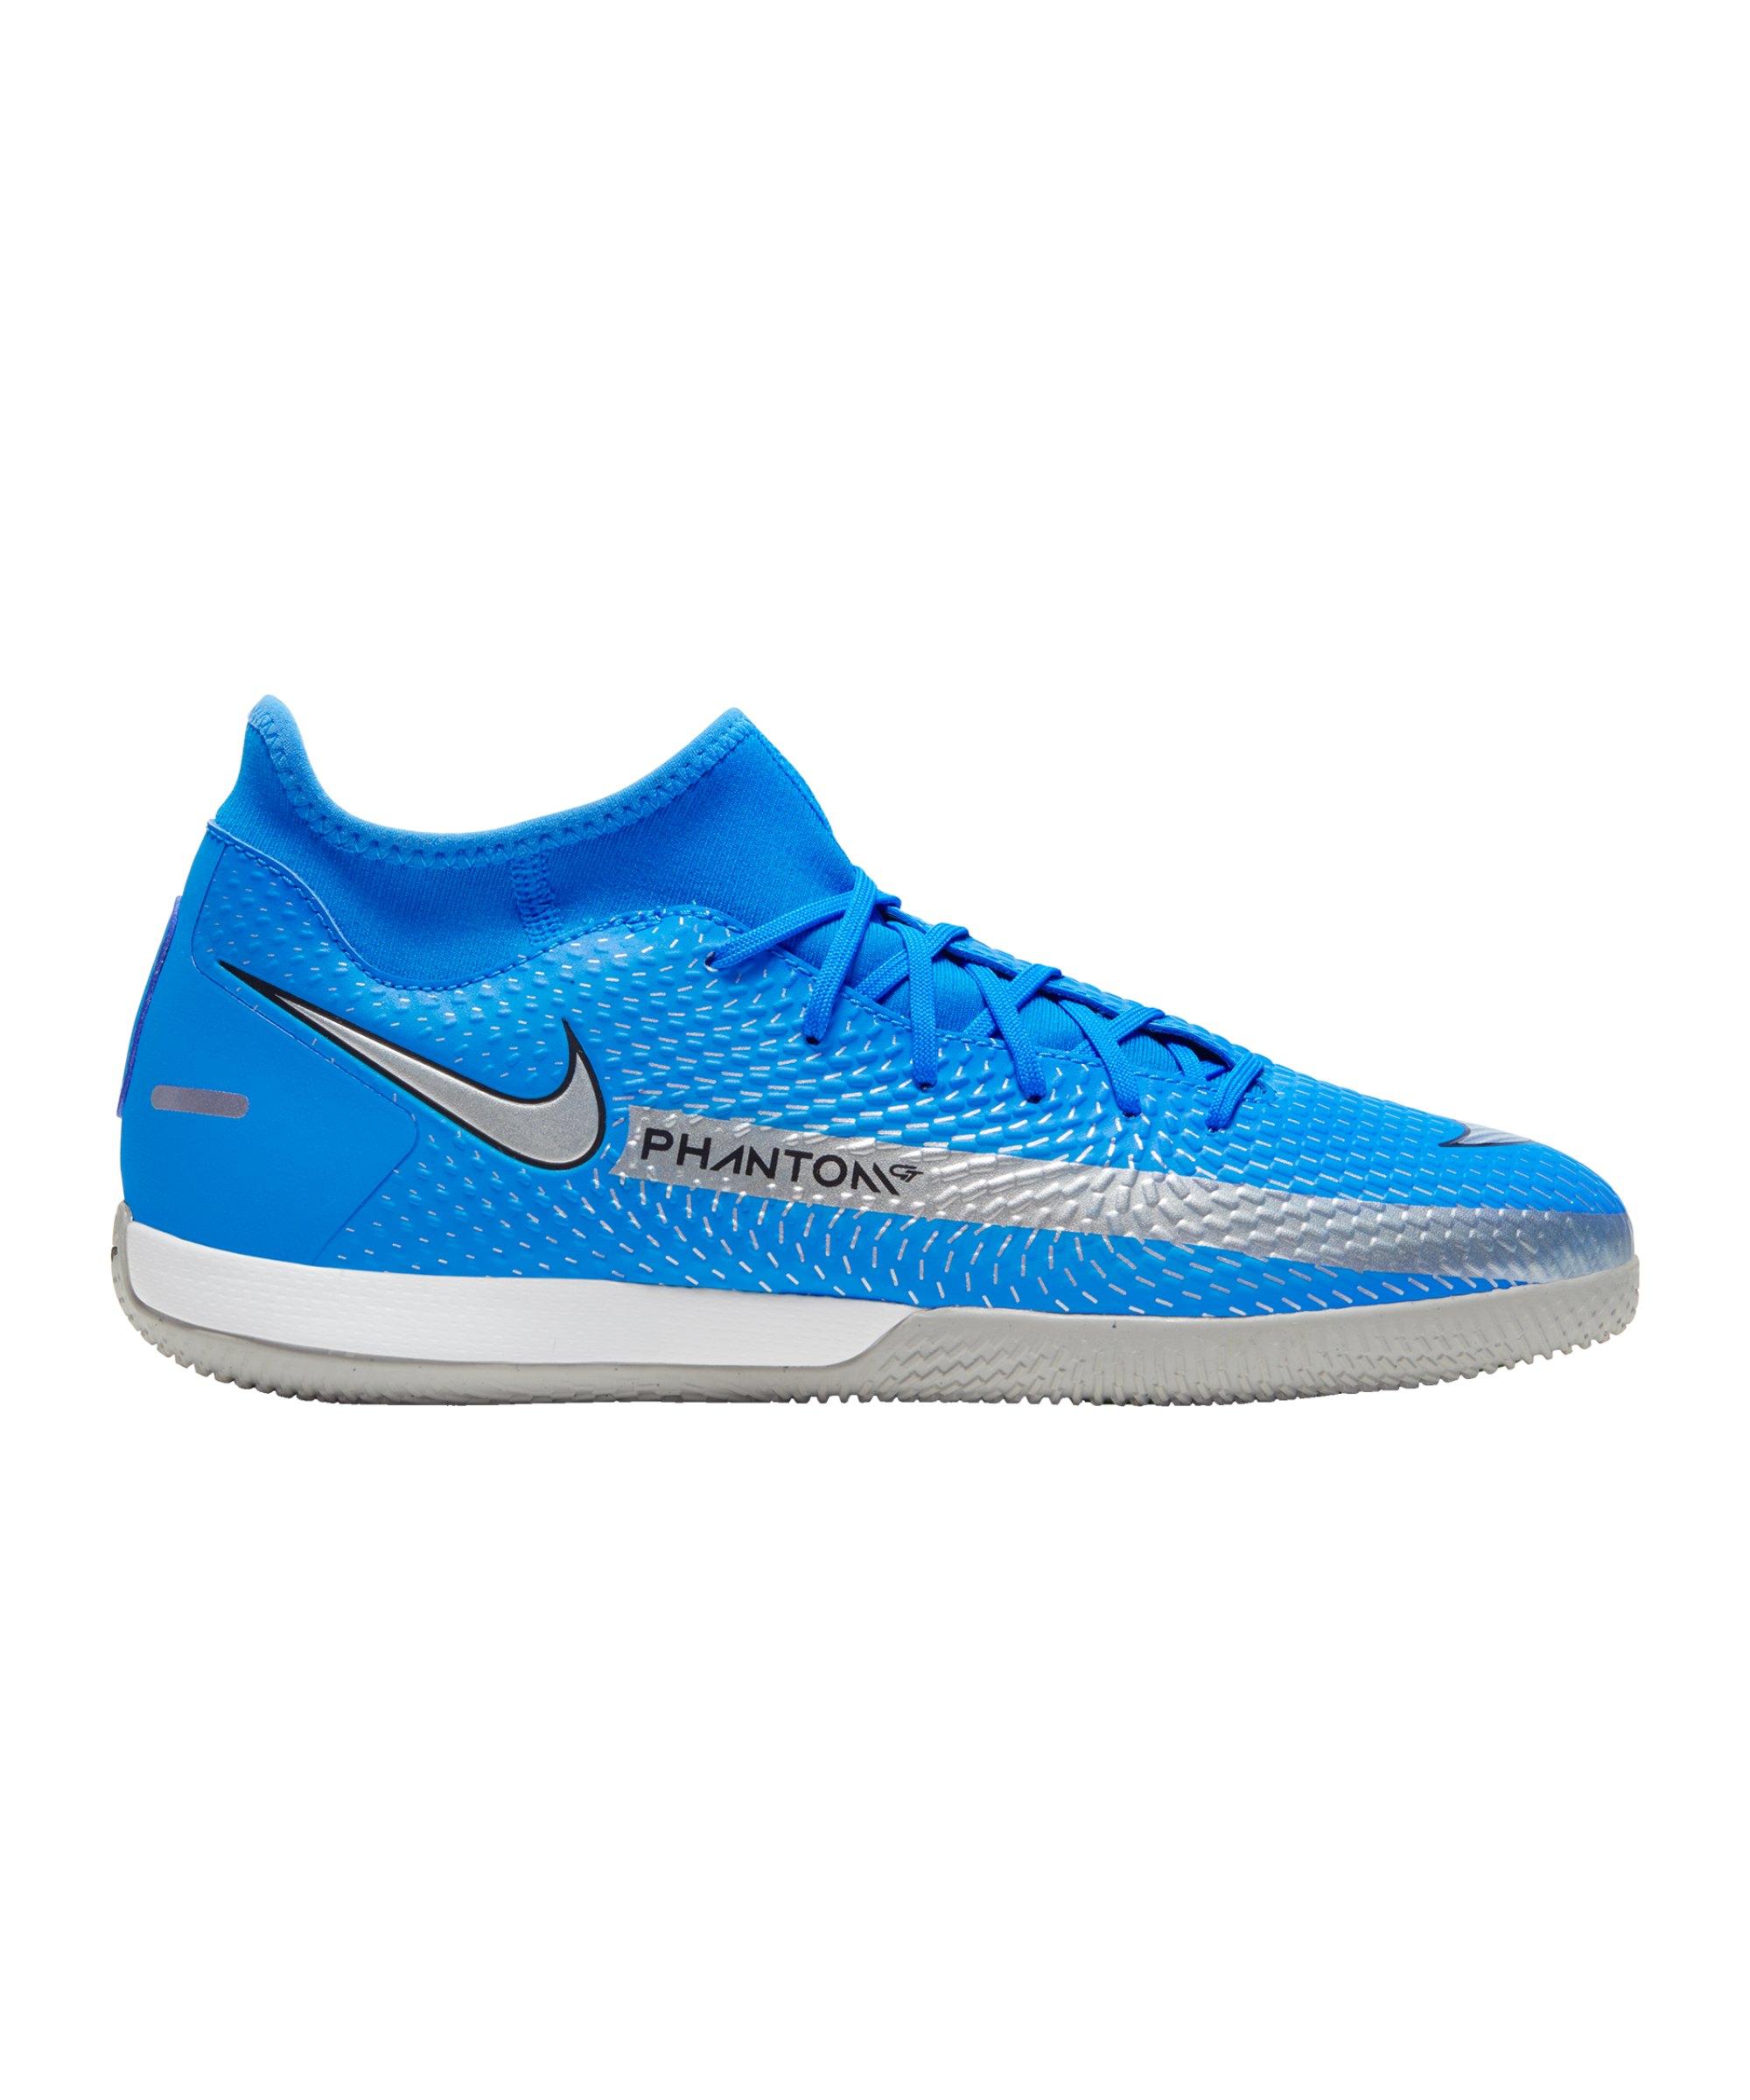 Nike Phantom GT Spectrum Academy DF IC Blau F400 - blau